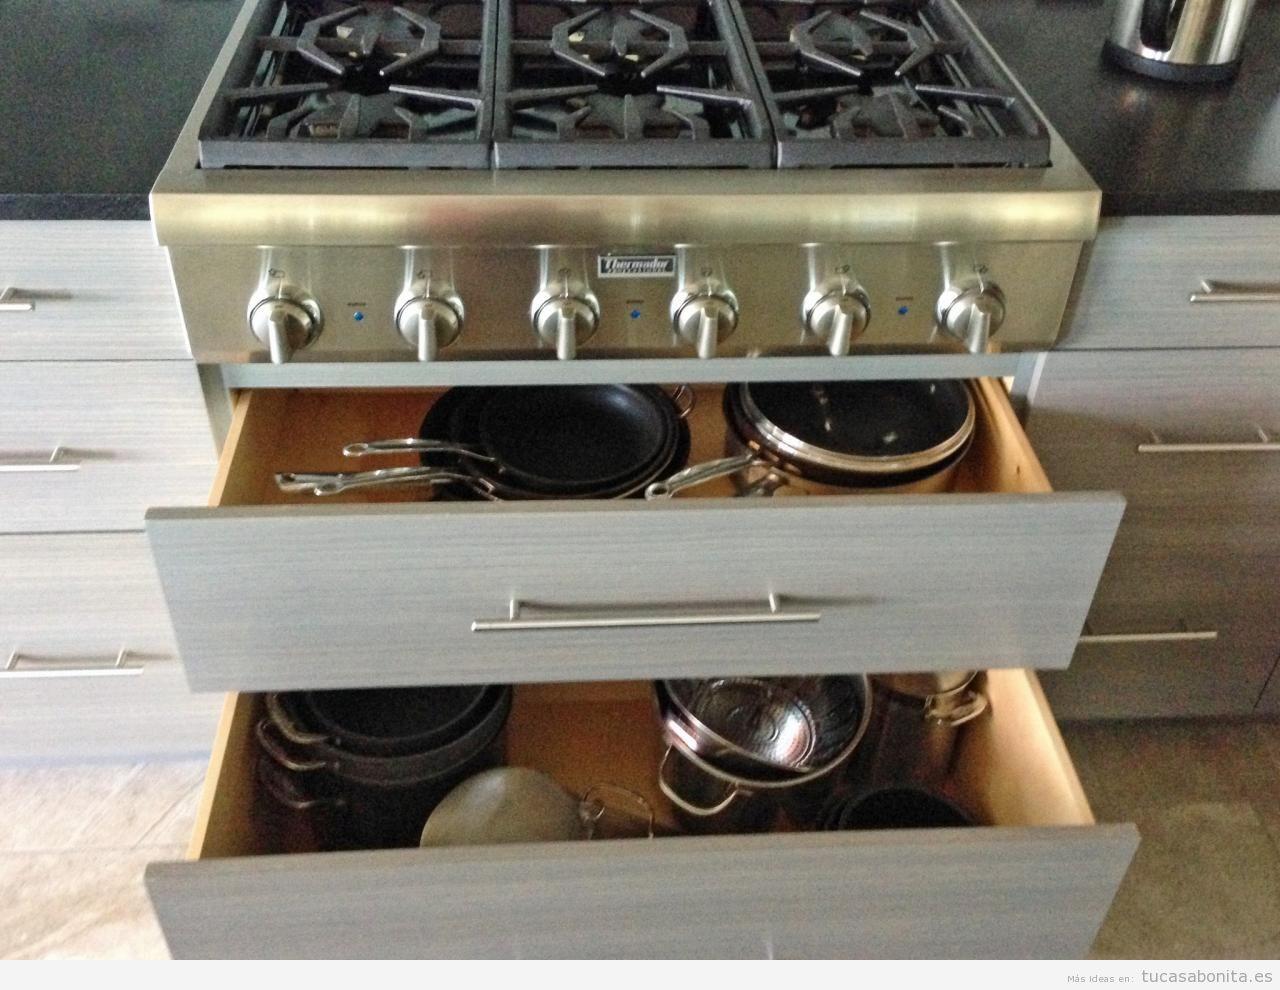 Ideas y trucos para tener organizada y ordenada la cocina - Trucos para tener la casa ordenada ...